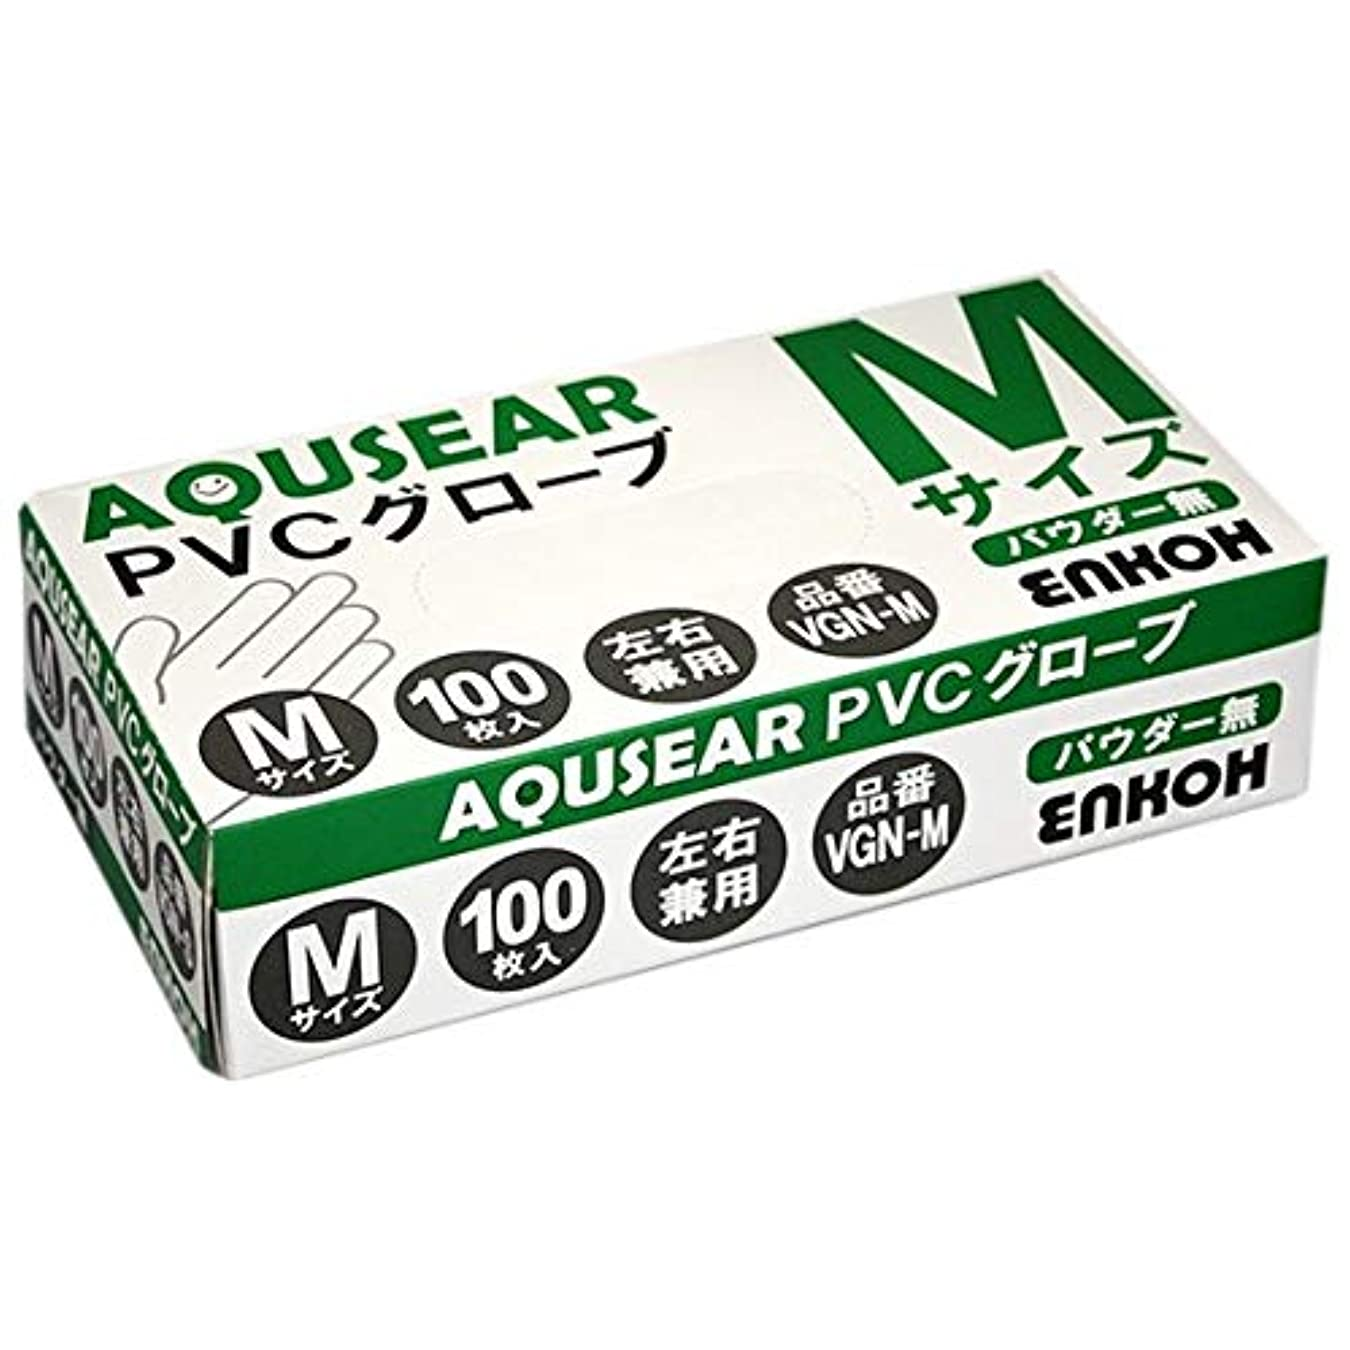 買い手カテゴリー利益AQUSEAR PVC プラスチックグローブ Mサイズ パウダー無 VGN-M 100枚×20箱